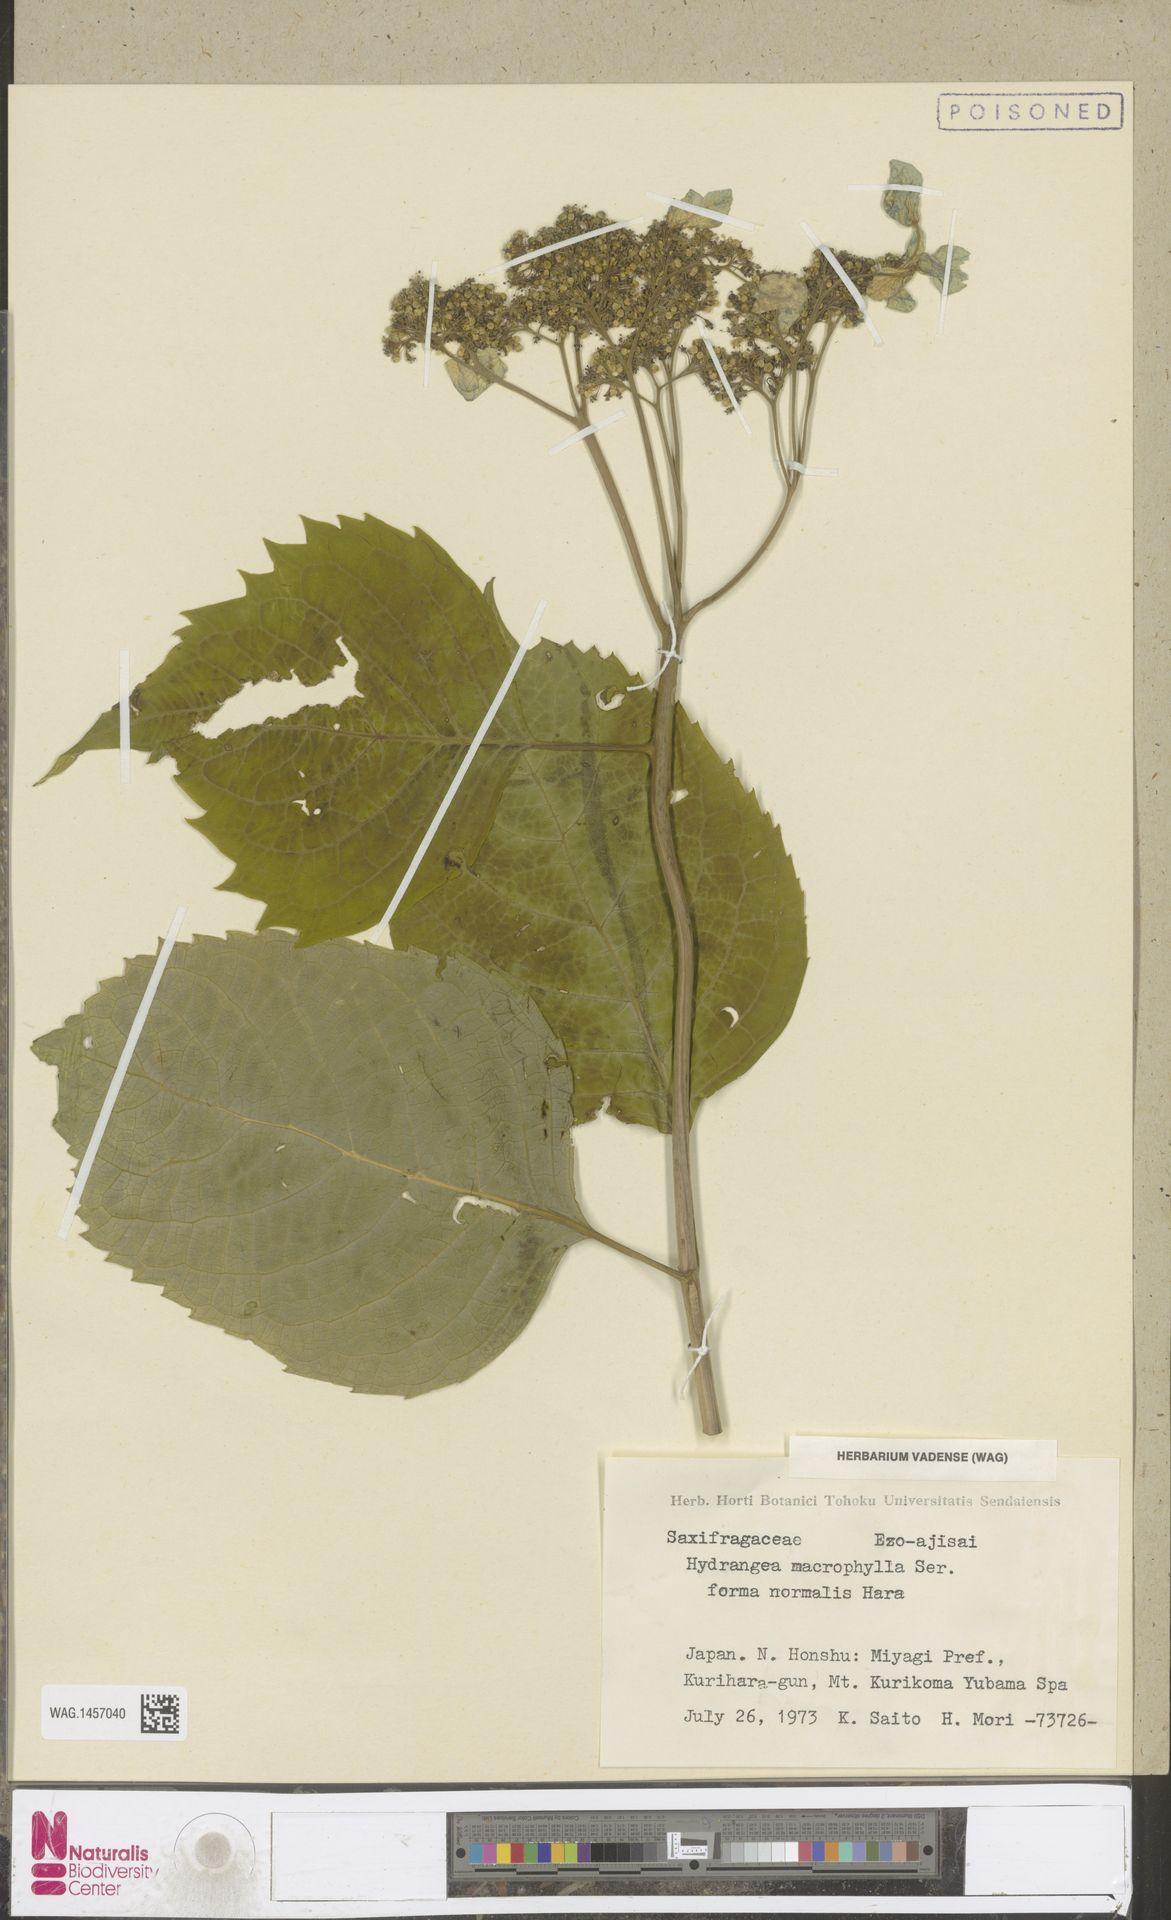 WAG.1457040 | Hydrangea macrophylla f. normalis (Wilson) Hara